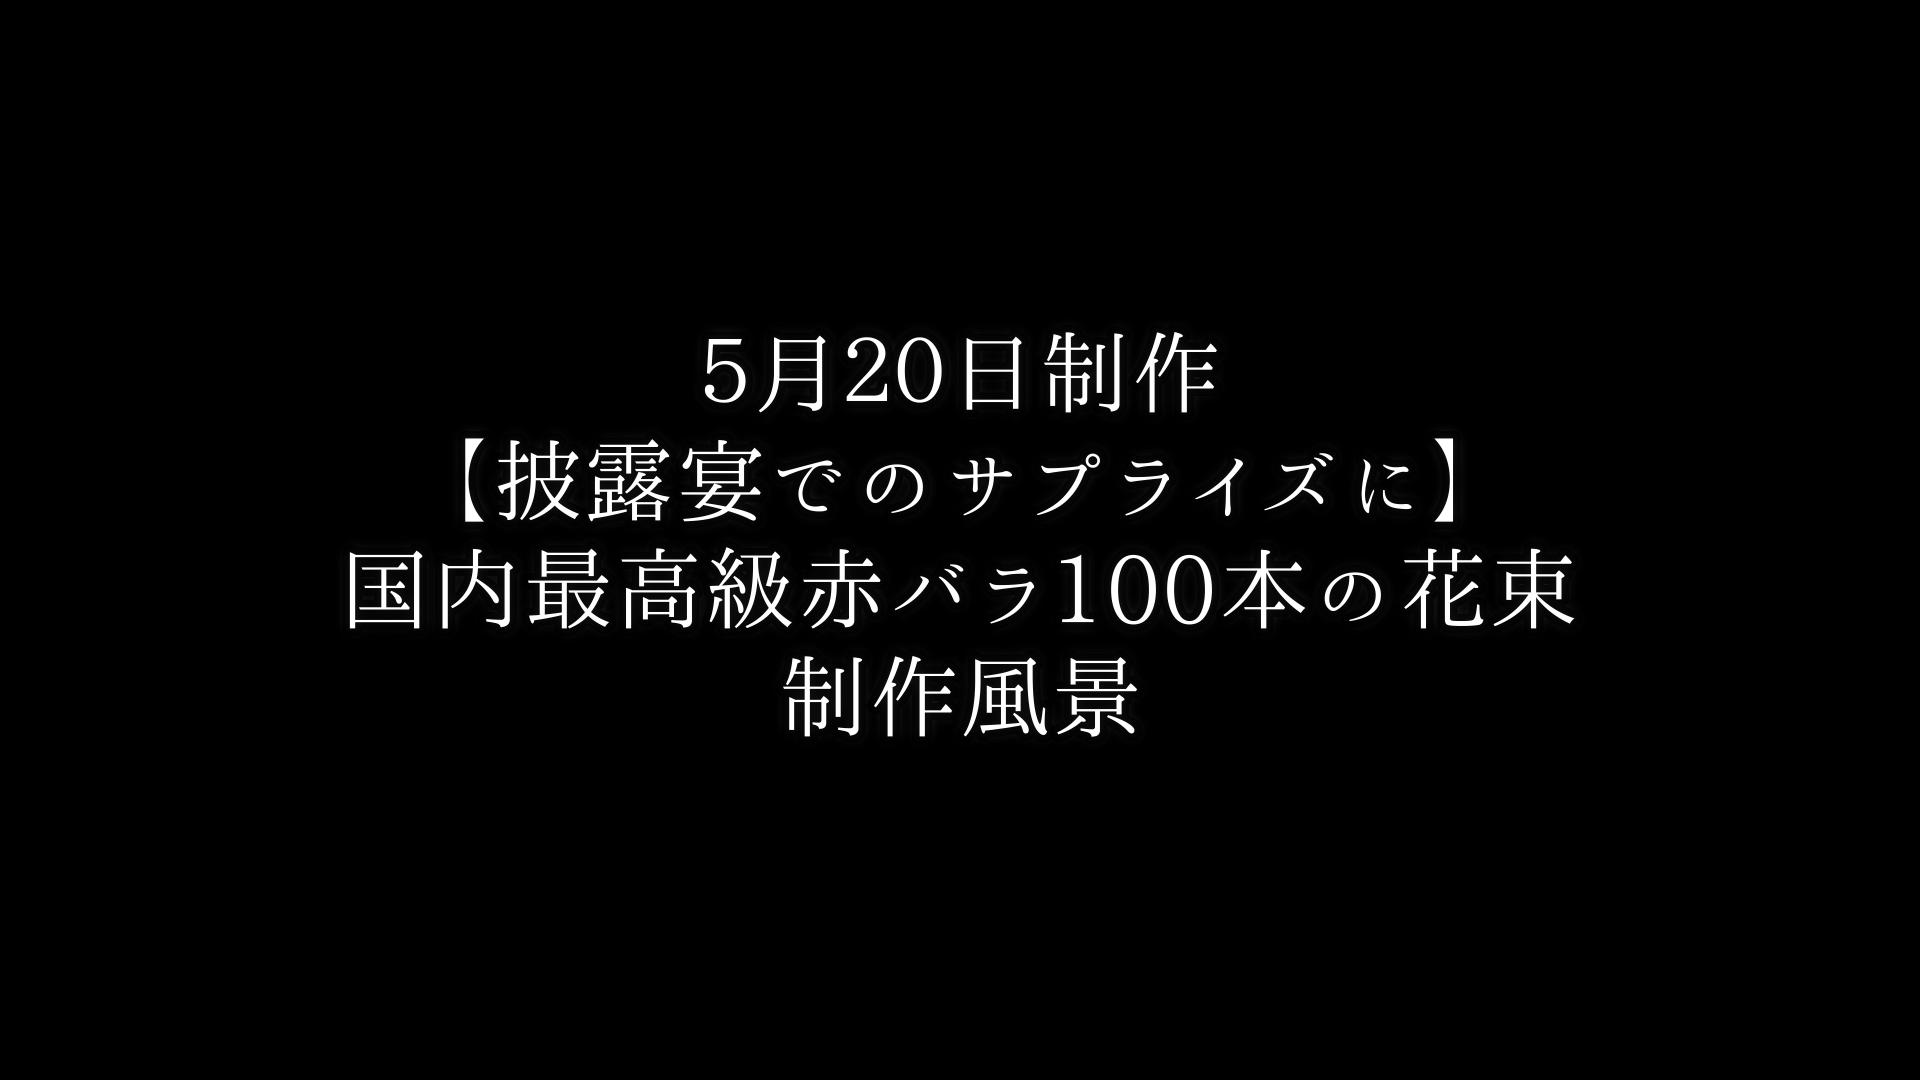 披露宴でのサプライズに・赤バラ100本の花束制作動画 2021/05/20撮影